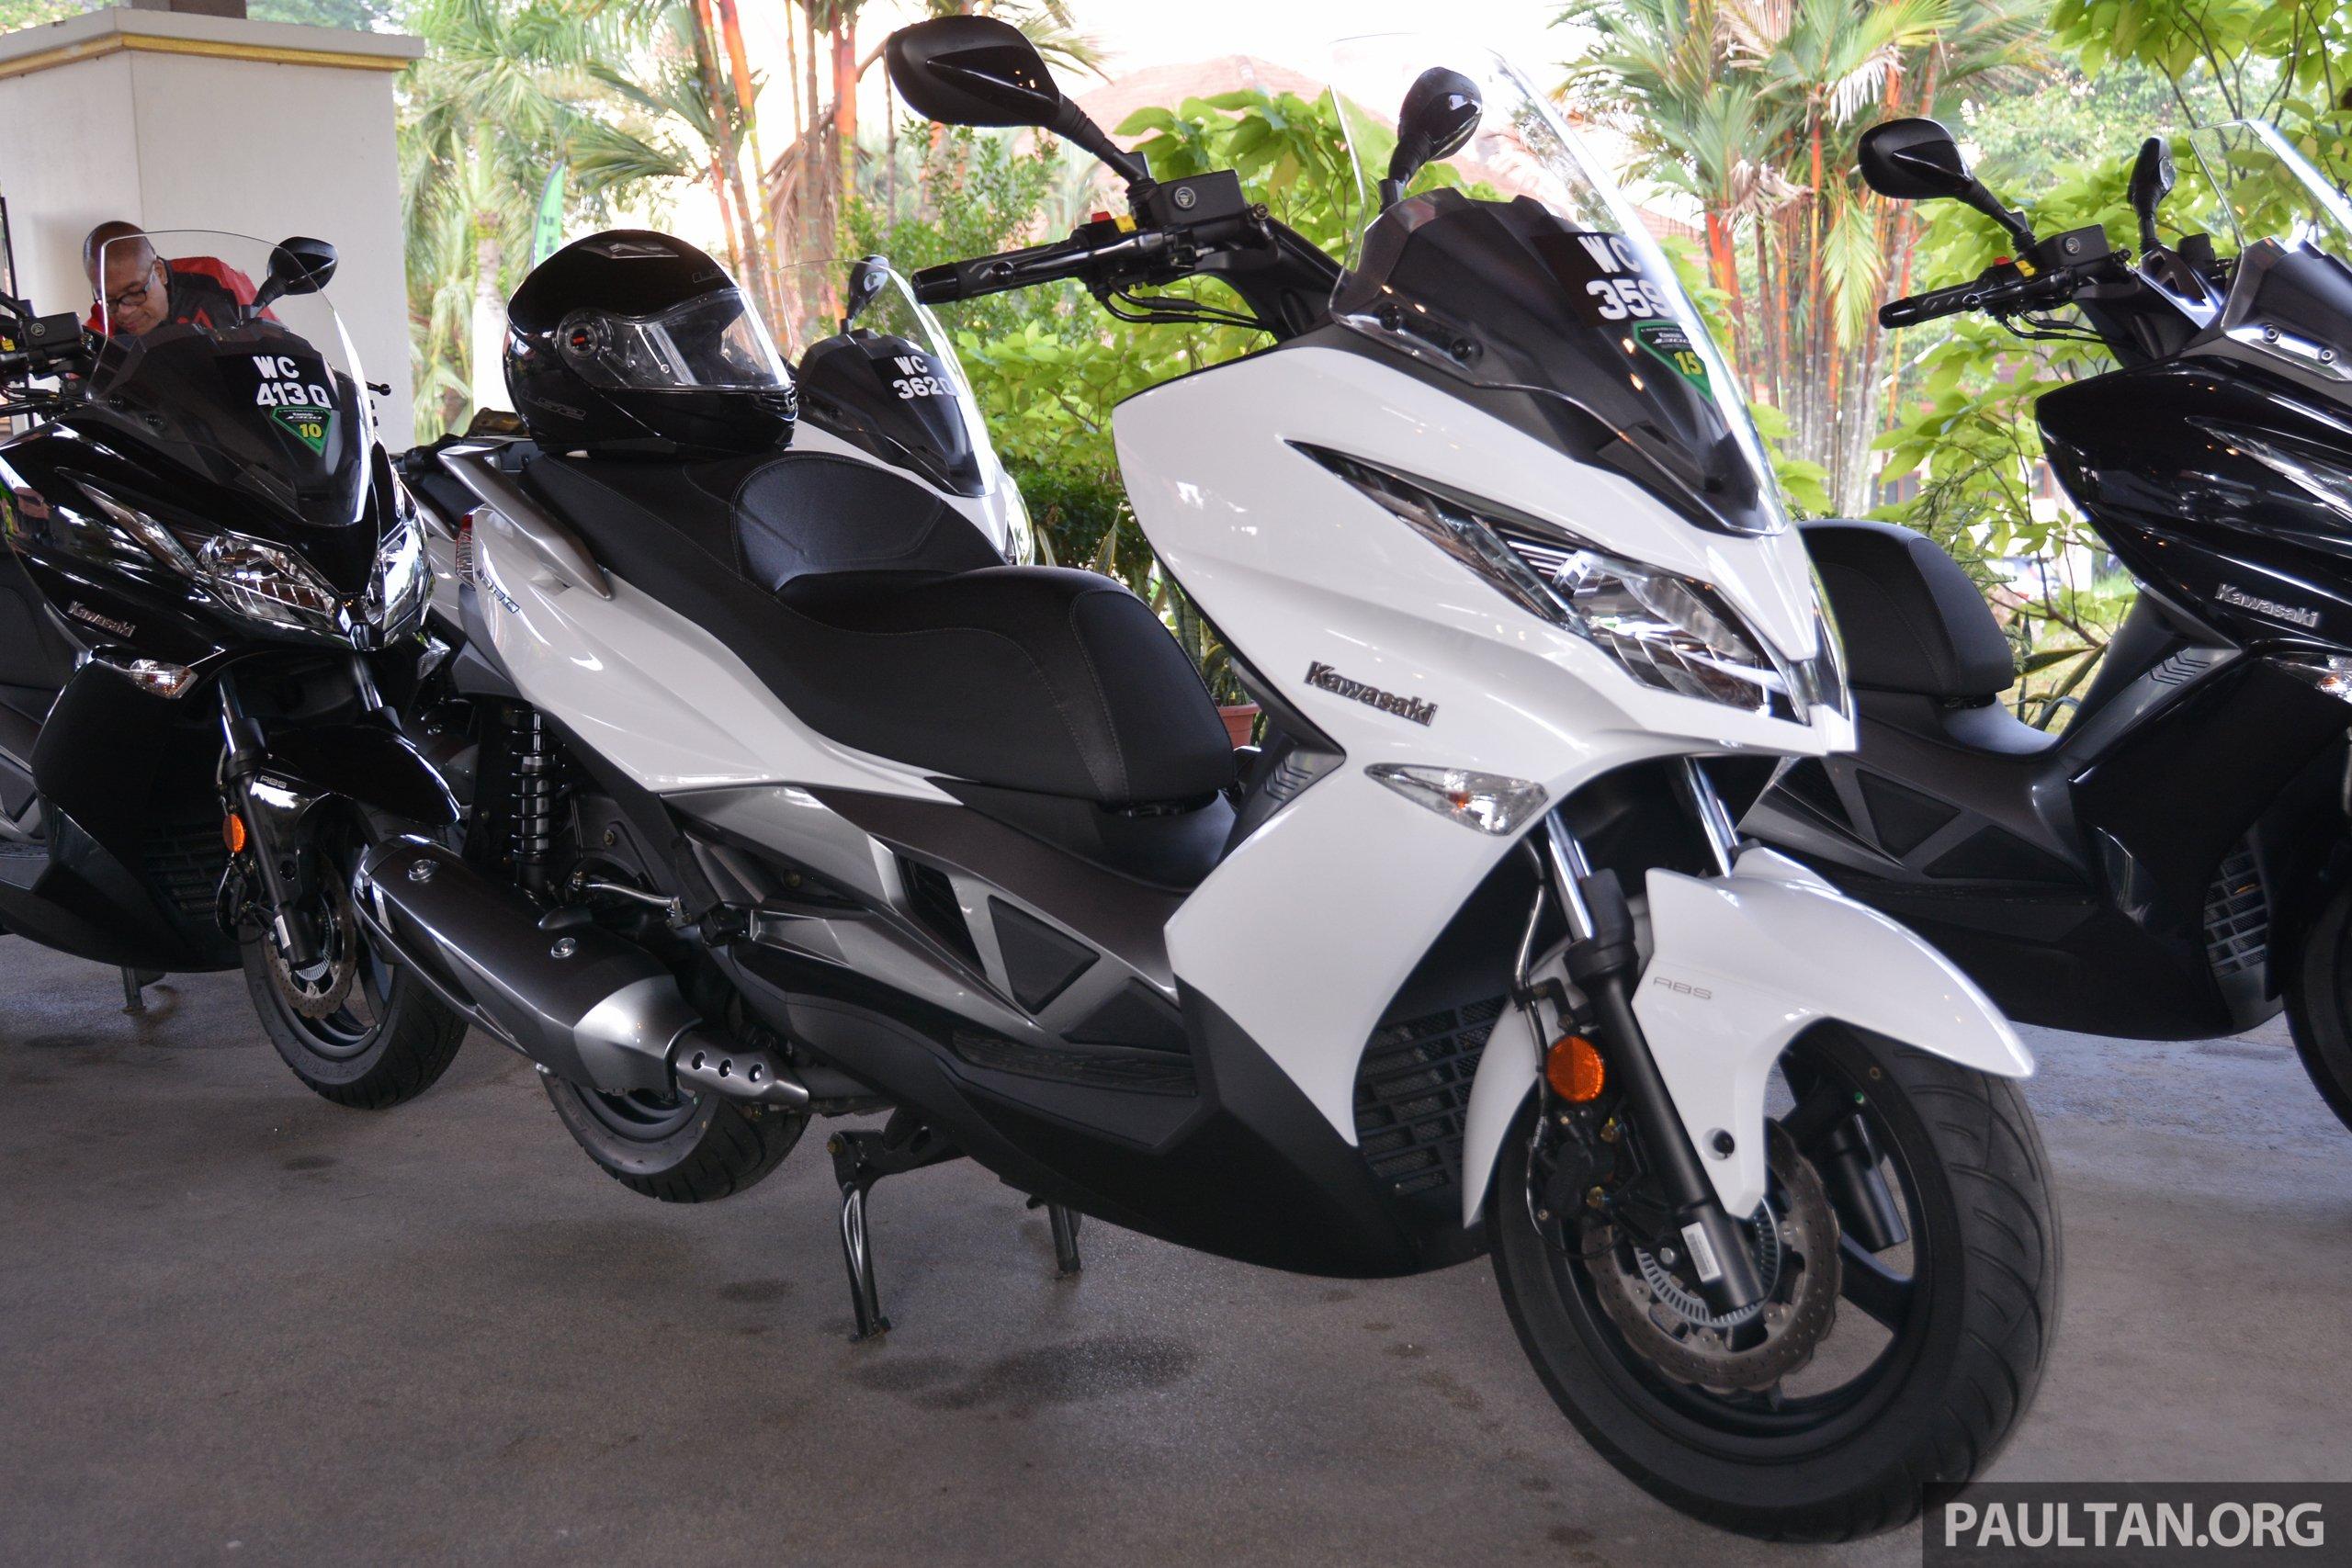 Kawasaki  Cc Price In Malaysia